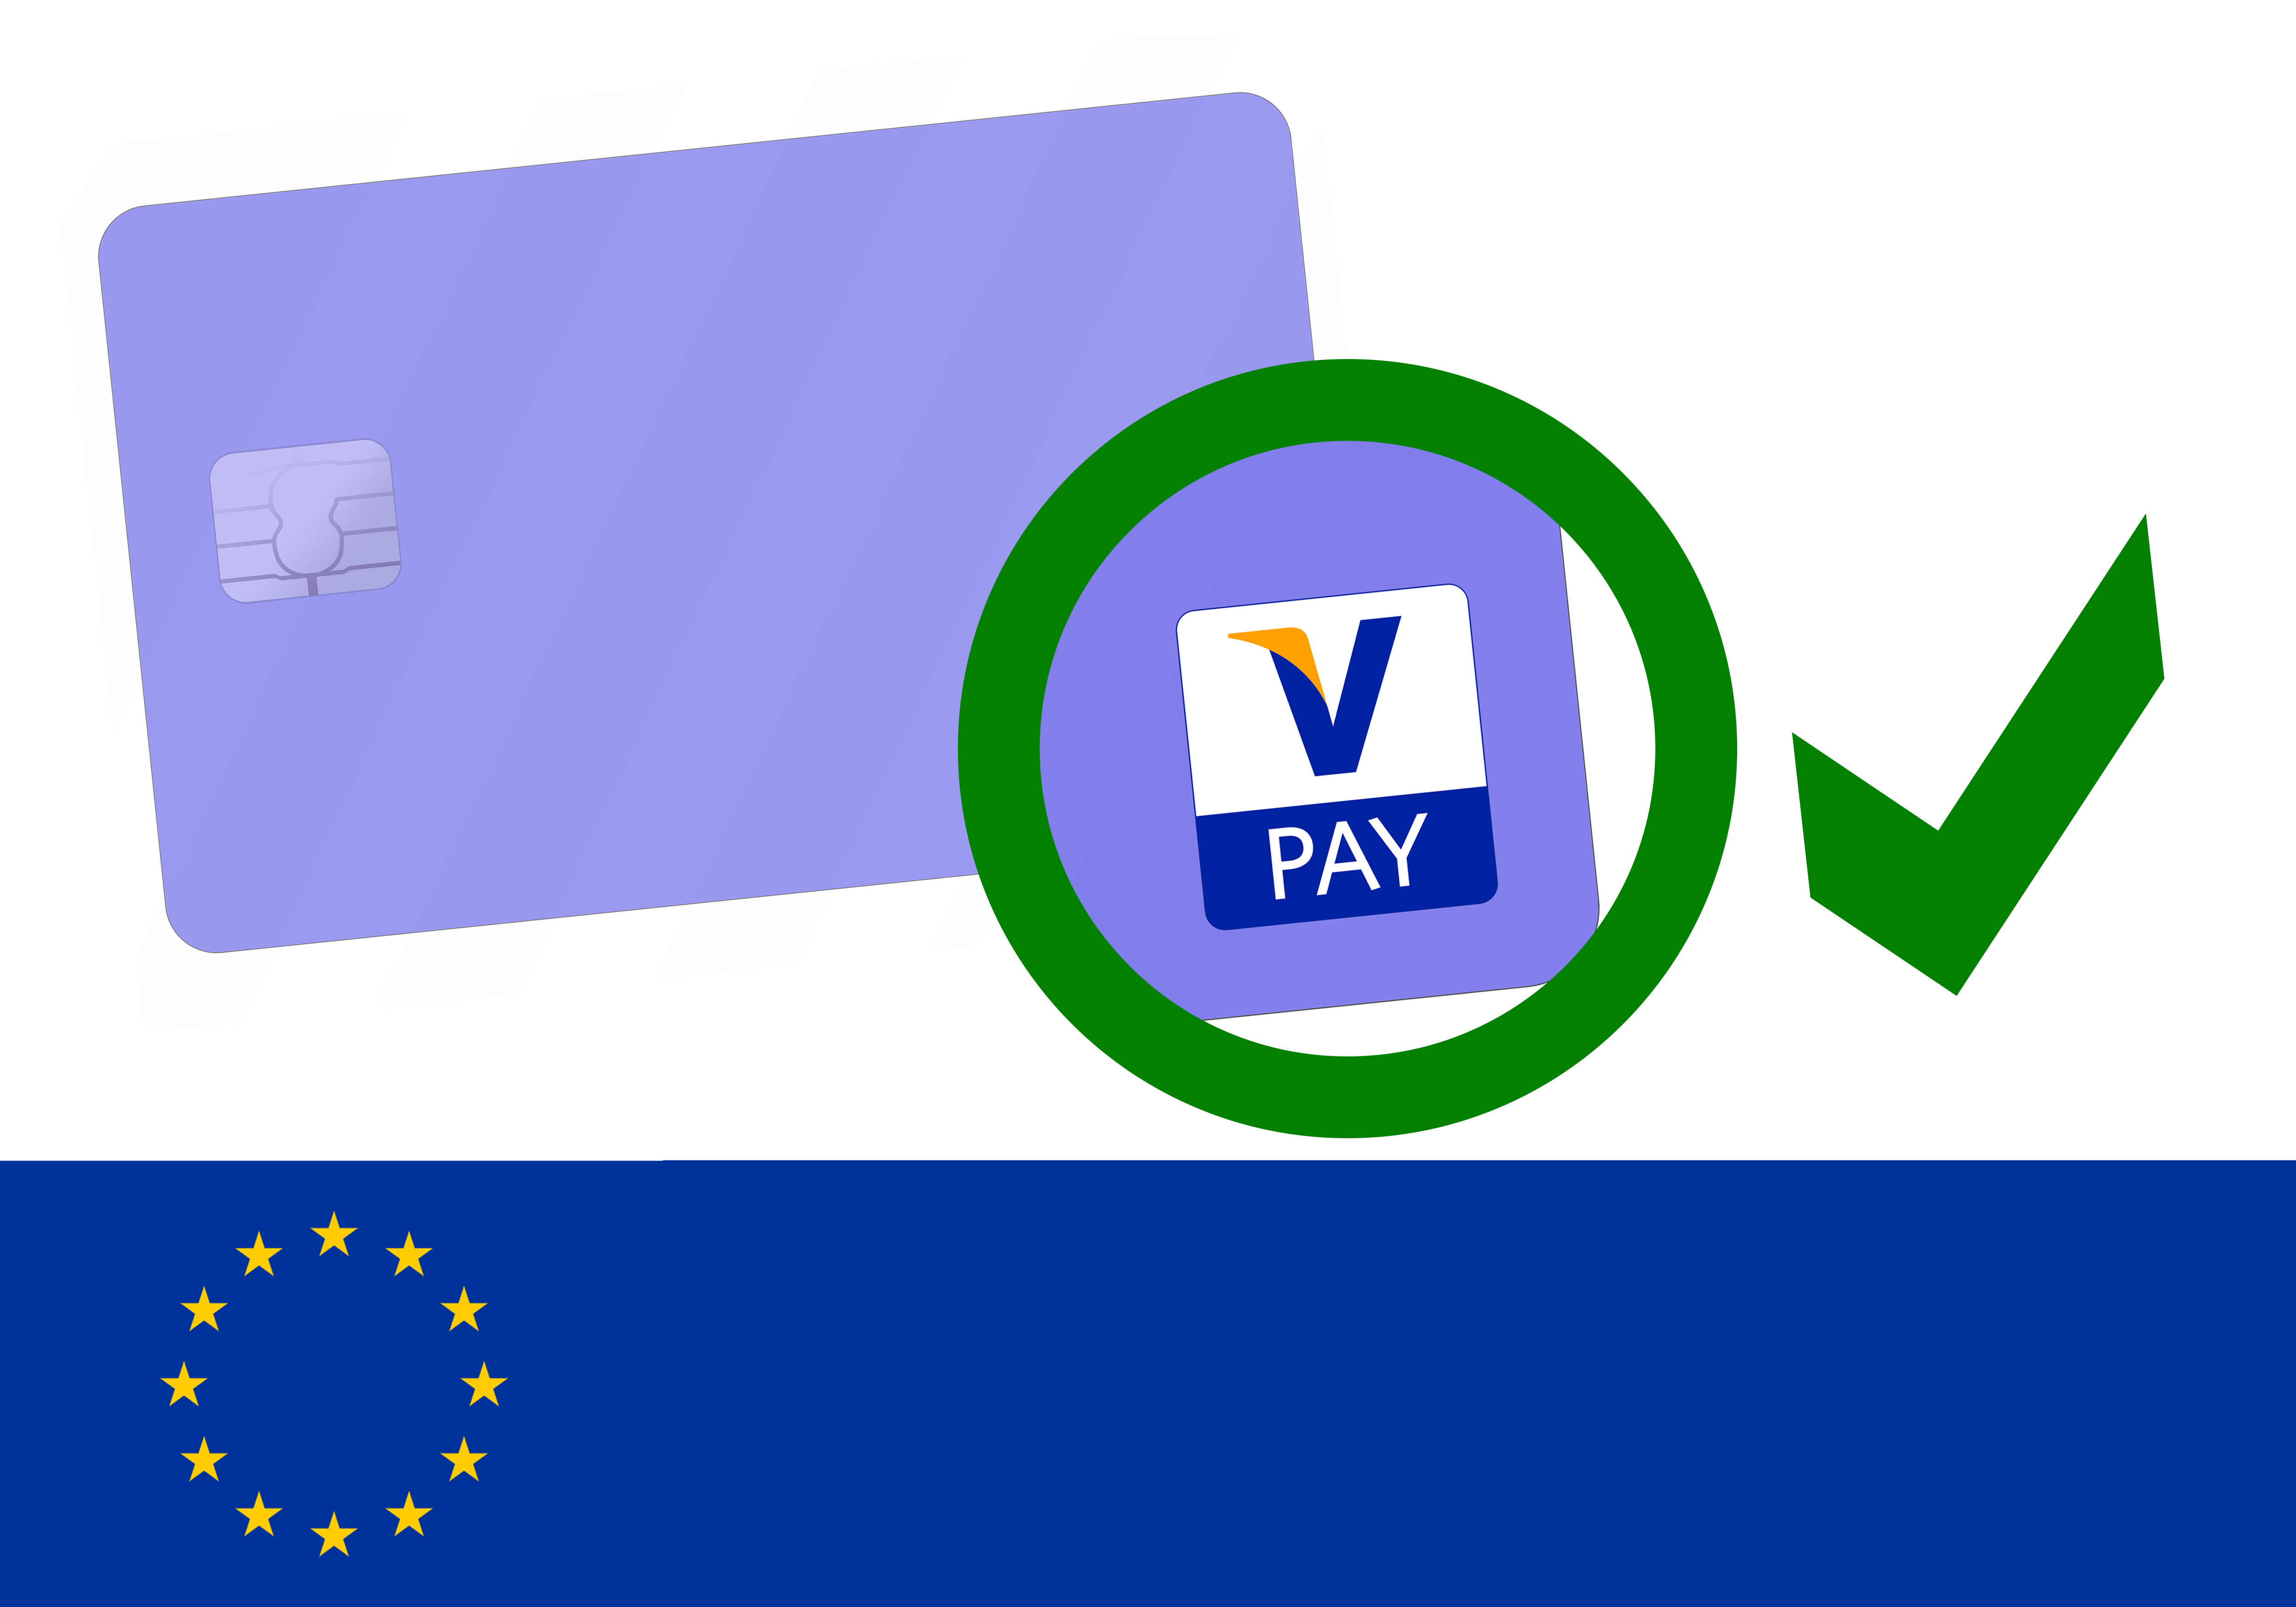 ec karte italien Geld am Automaten in Italien abheben